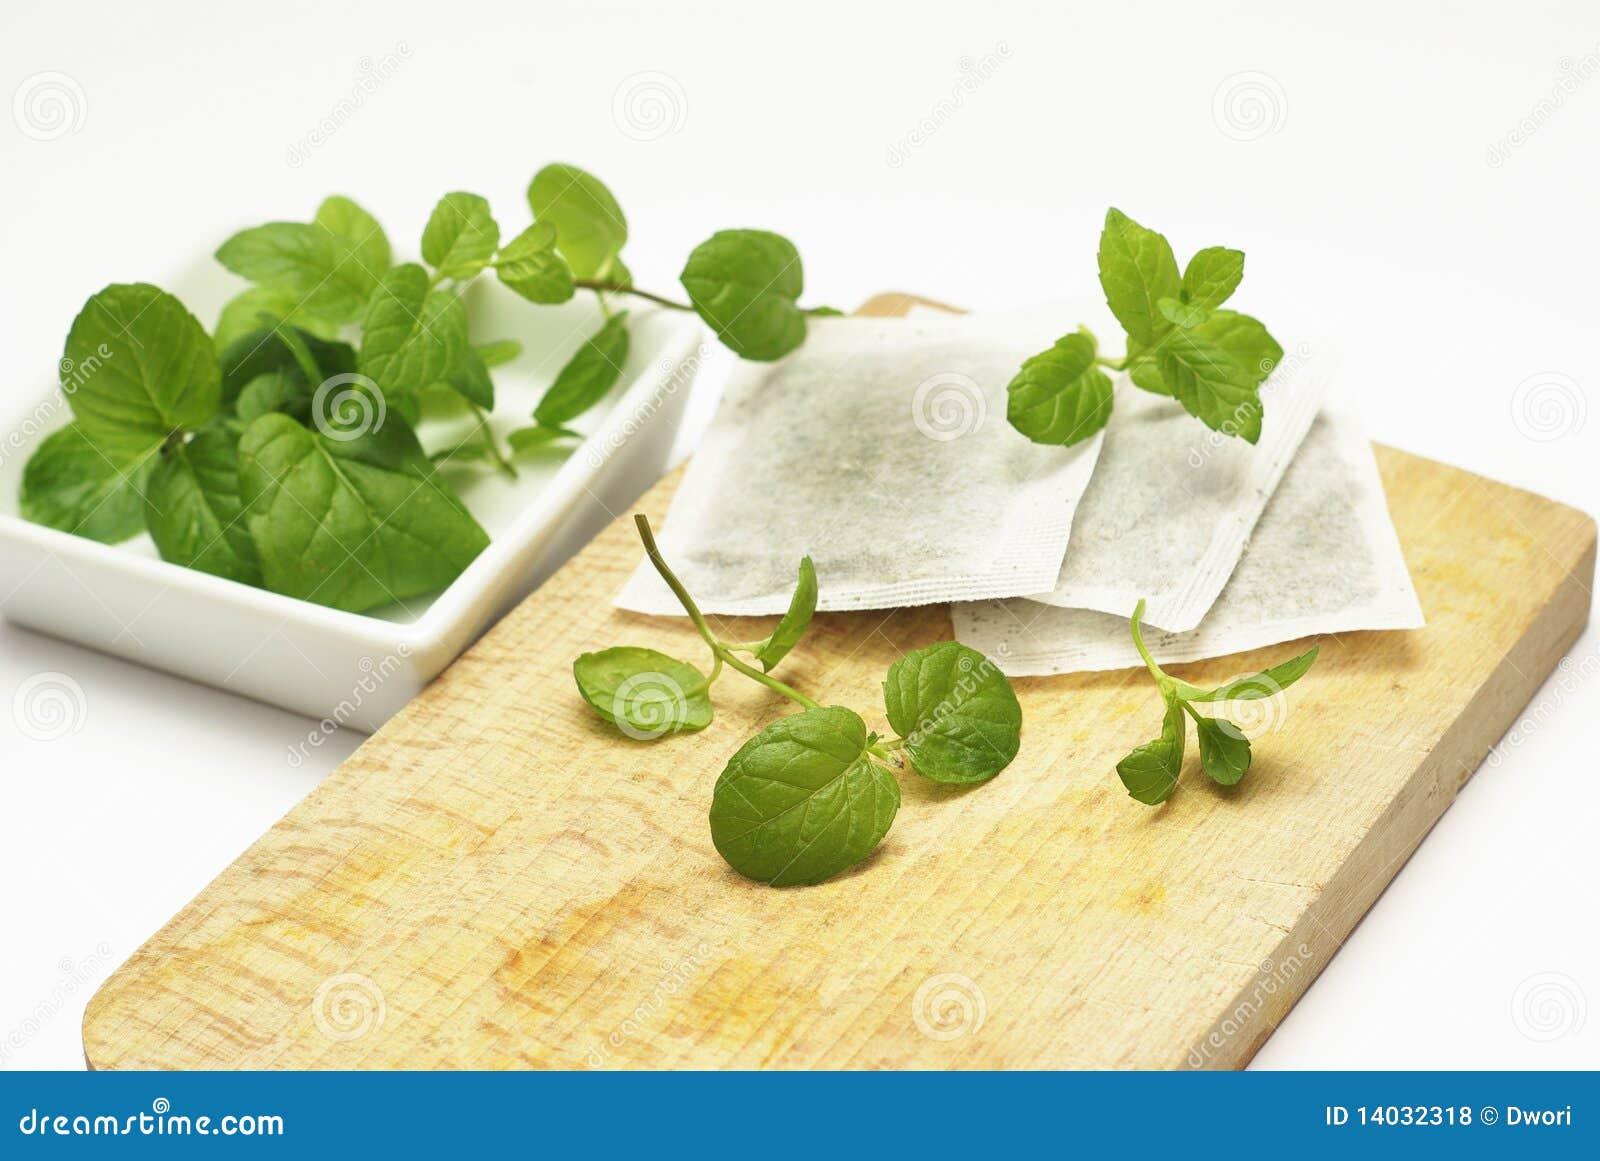 Mint tea bags and fresh mint leaves.